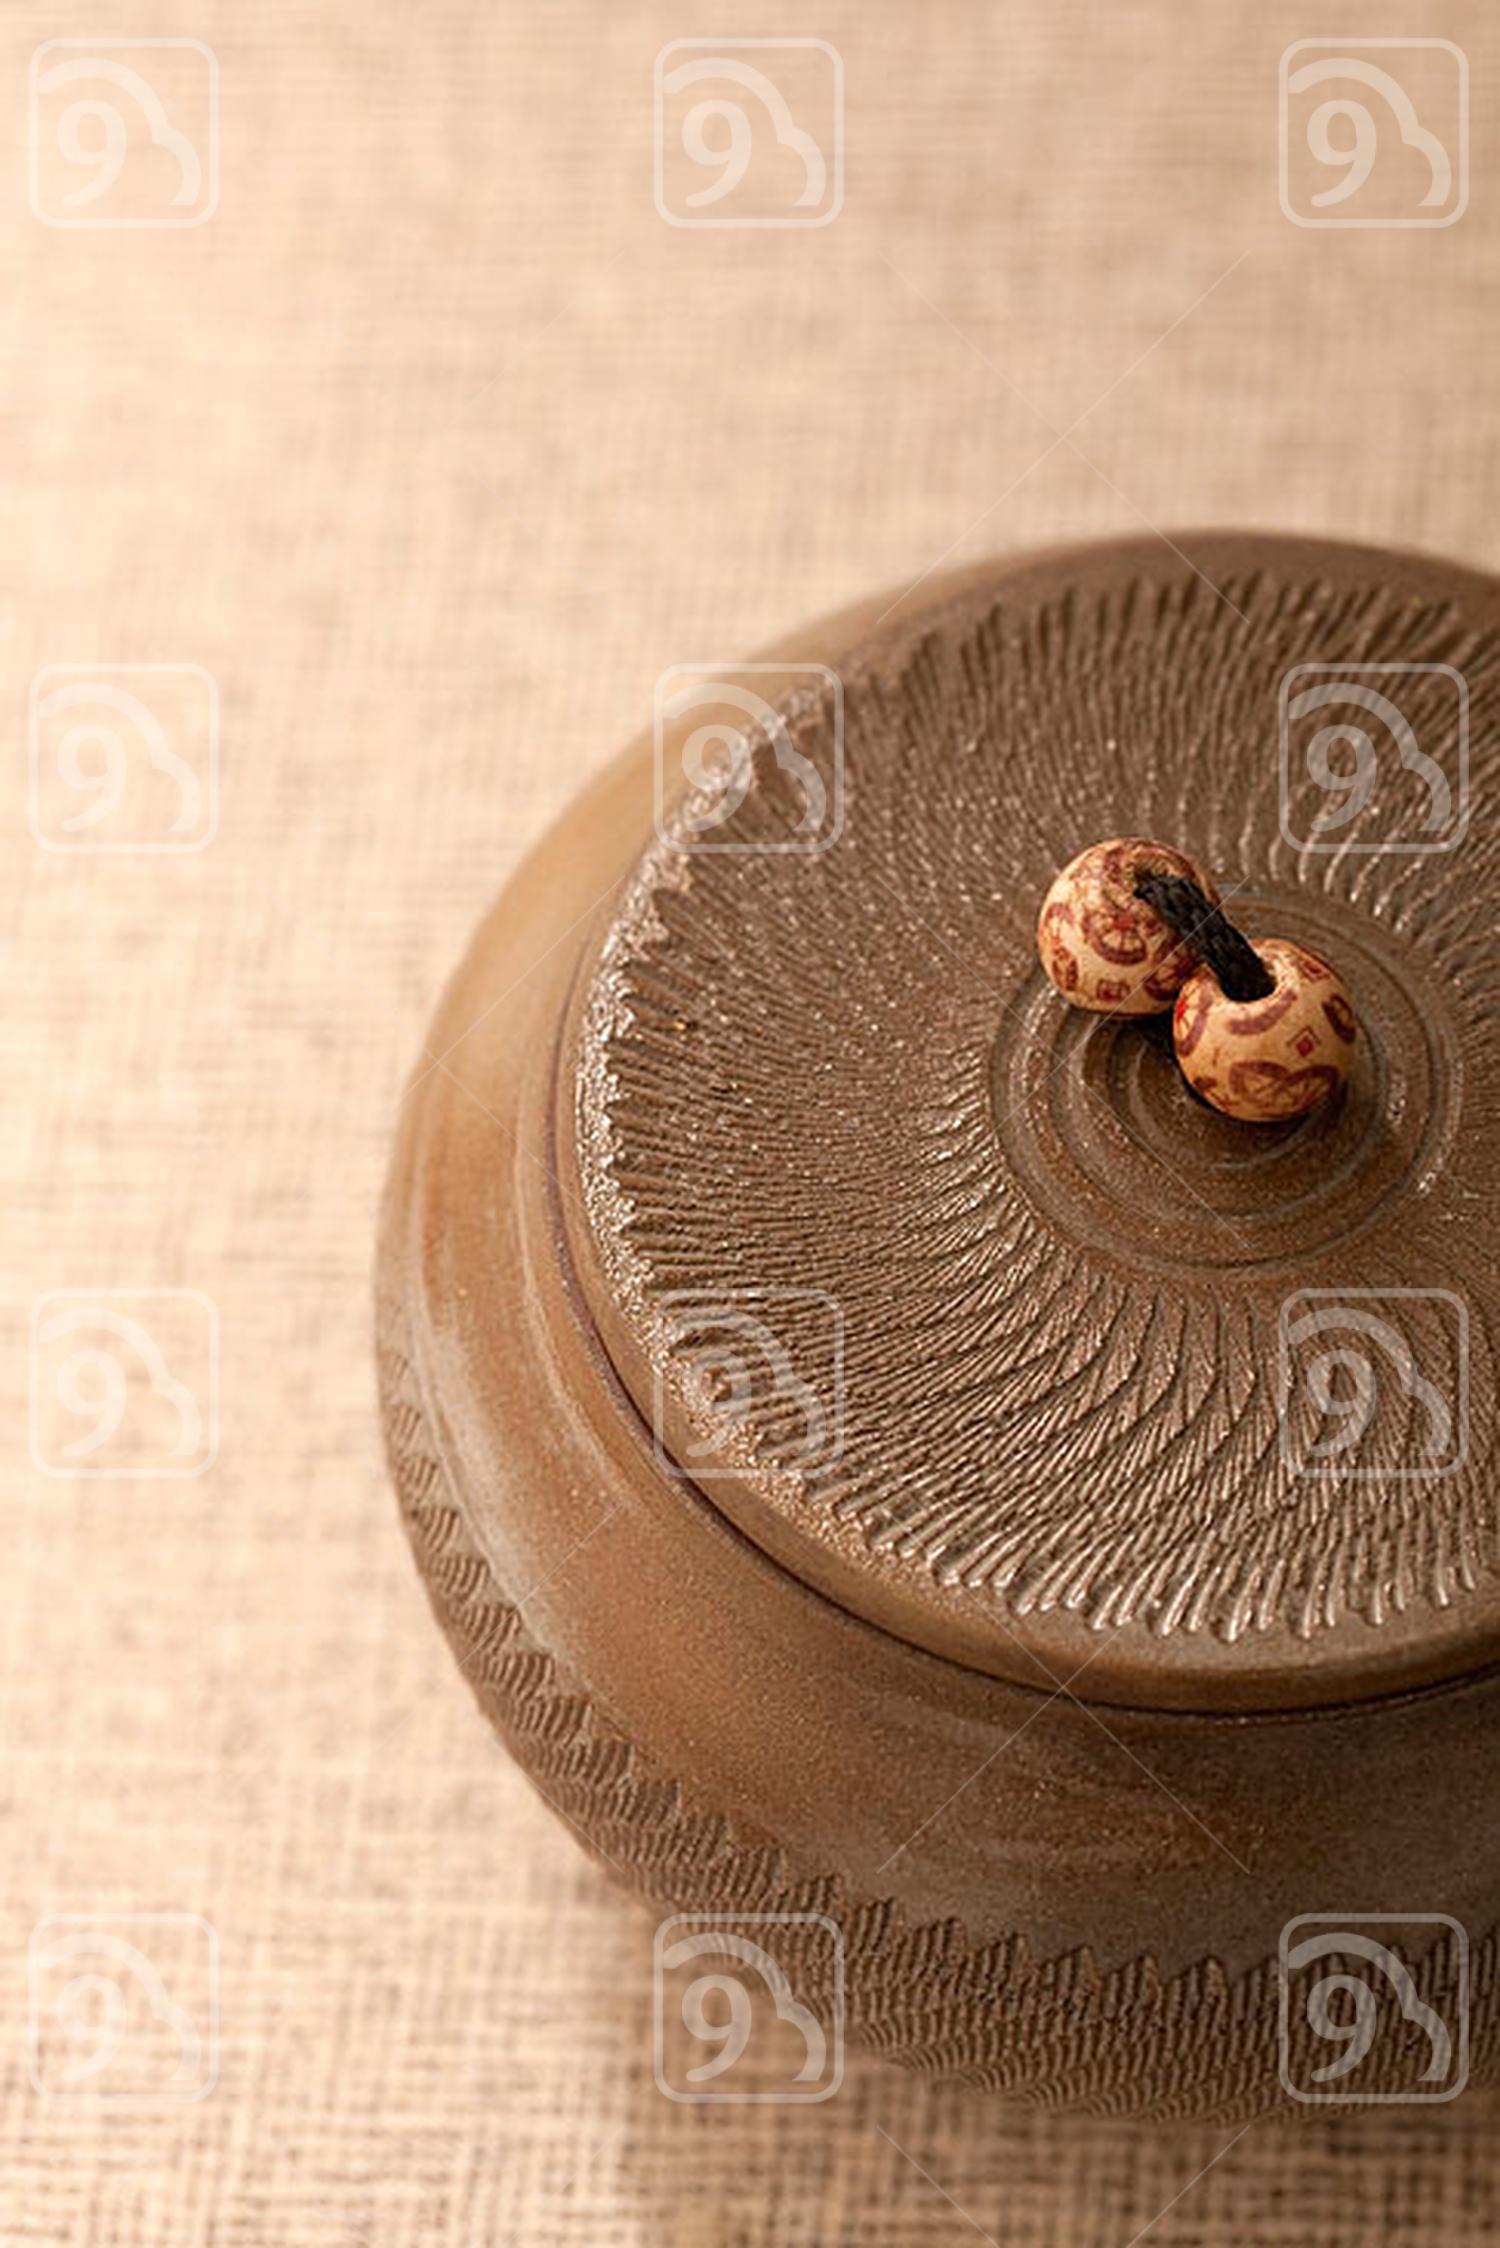 Close-up of pottery jar